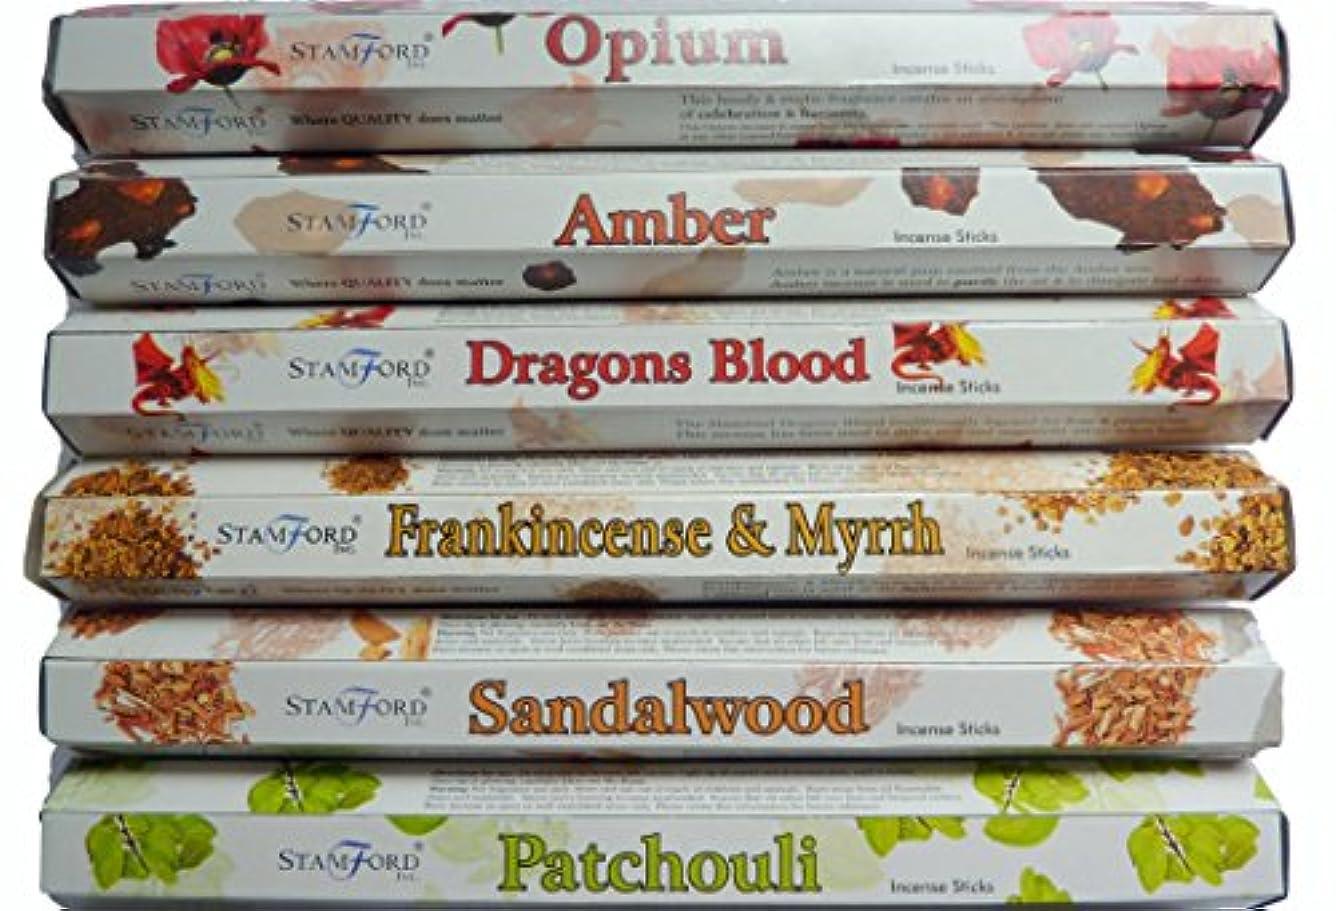 後悔気付く基本的なStamford Hex範囲Incense Sticks – Opium、アンバー、ドラゴンブラッド、Frankincense & Myrrh、サンダルウッド&パチョリ20 Sticks per fragrance (...